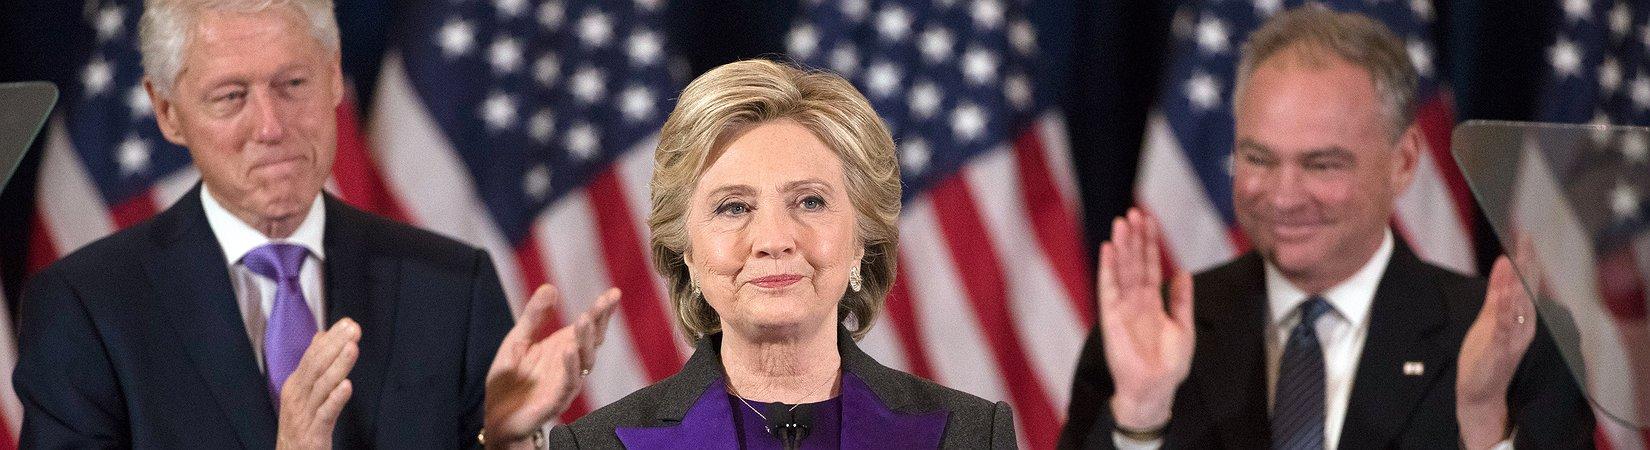 Campanha de Hillary Clinton juntou-se a recontagem de votos